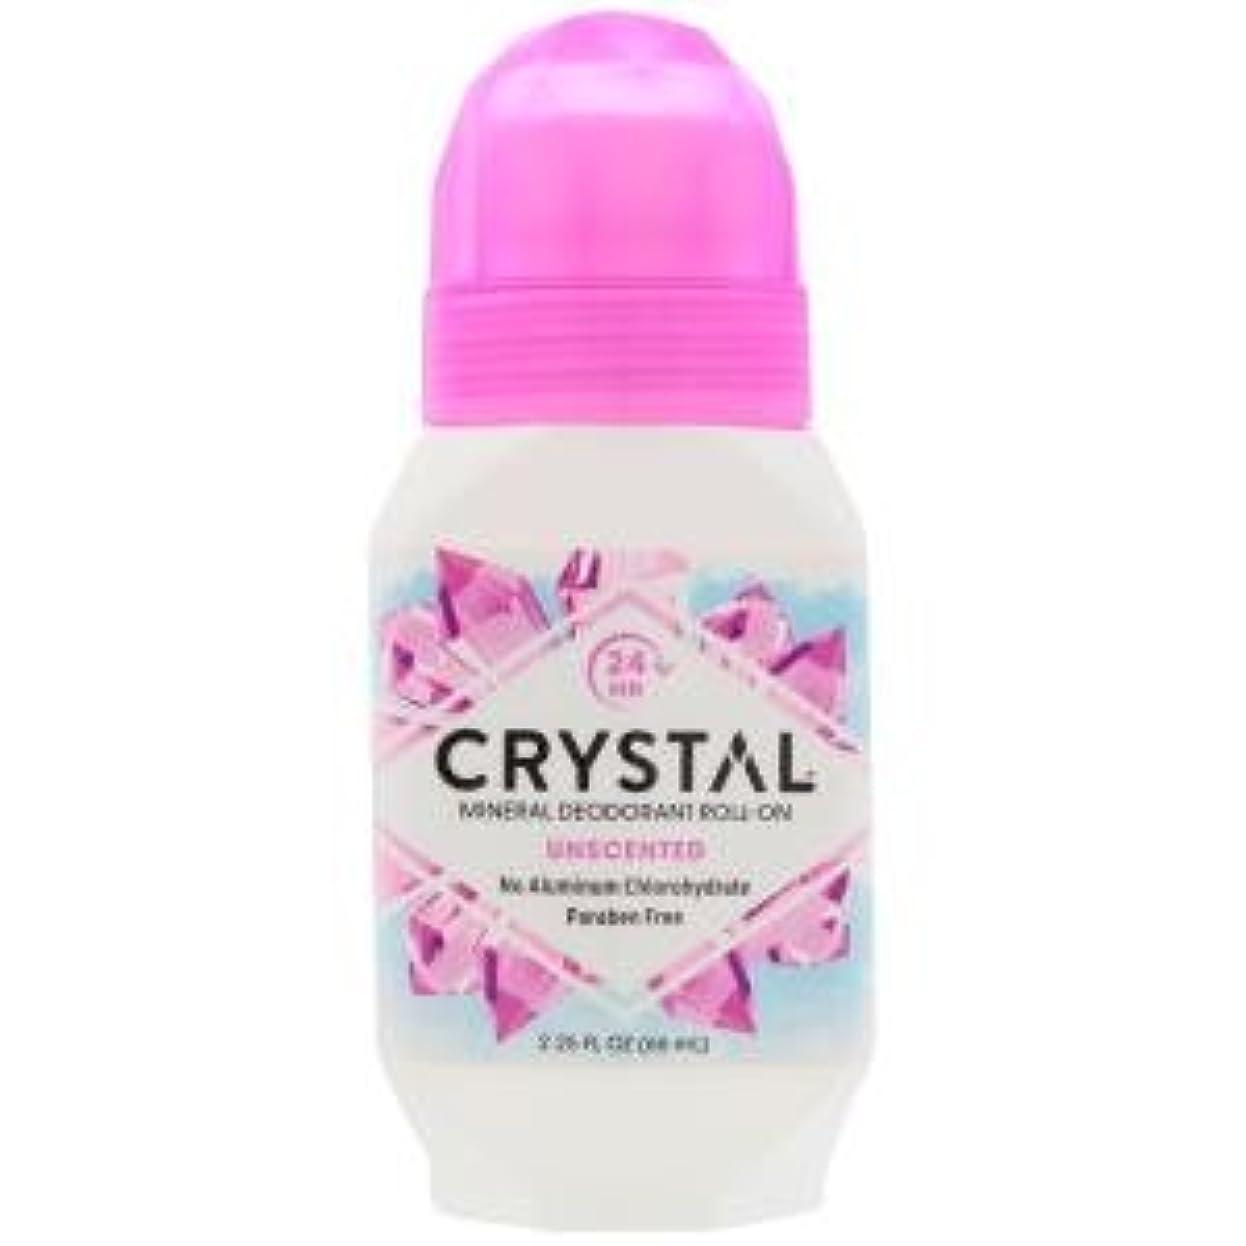 エレクトロニック会計士上がる[海外直送品] クリスタルボディデオドラント(Crystal Body Deodorant) ロールオン(無香料) 66ml